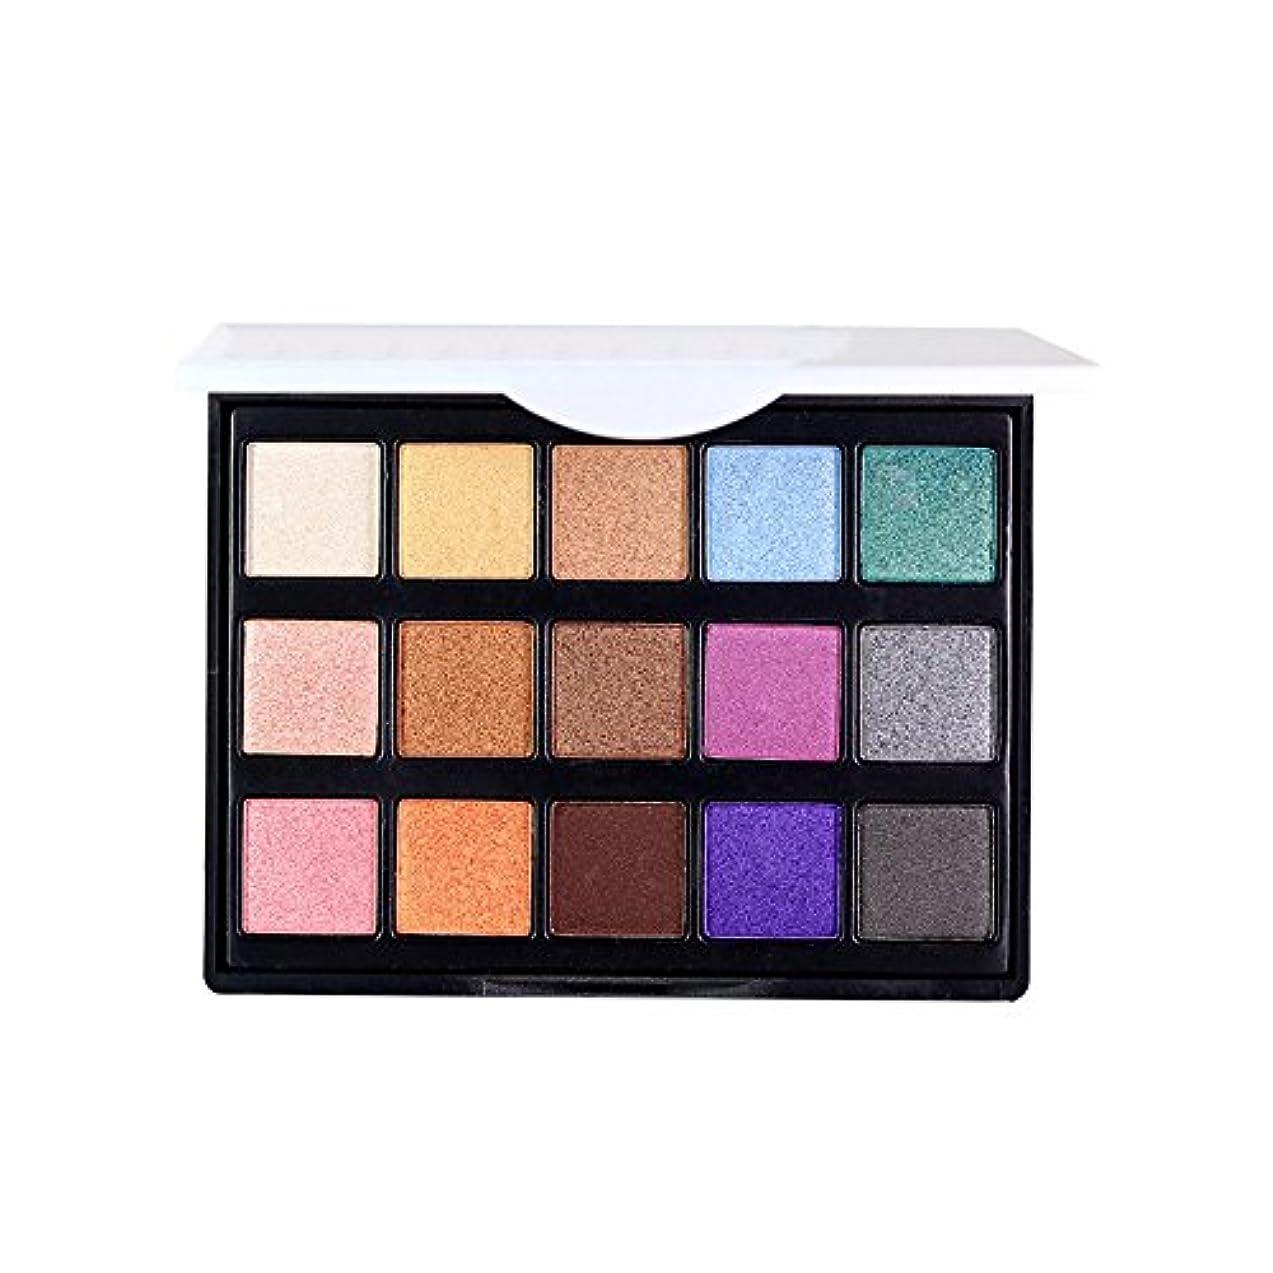 植物のペインクラブ女性 プロフェッショナル15色 眼 影 化粧品 パレット アイシャドウ アイメイク アップ化粧品 2